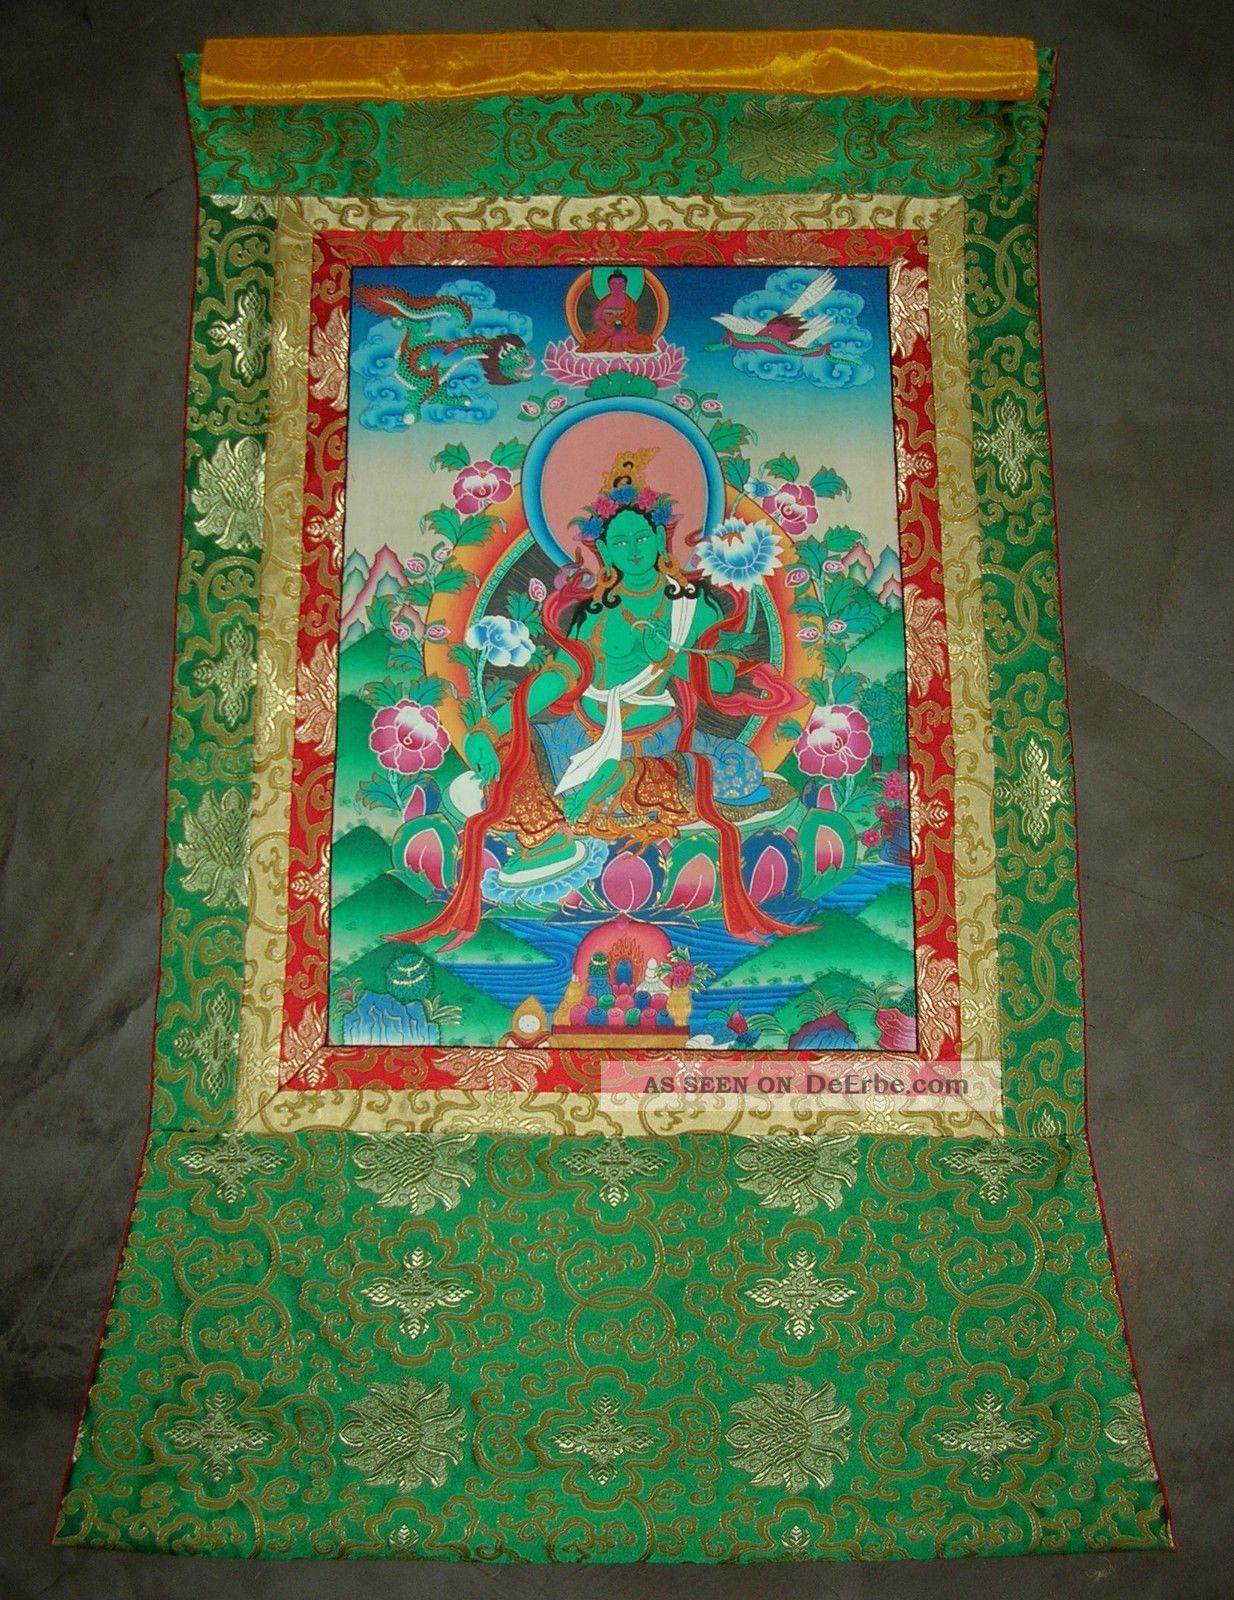 Wunderschöner Feiner Thangka Aus Nepal: Grüne Tara In Brokat Riesig ...